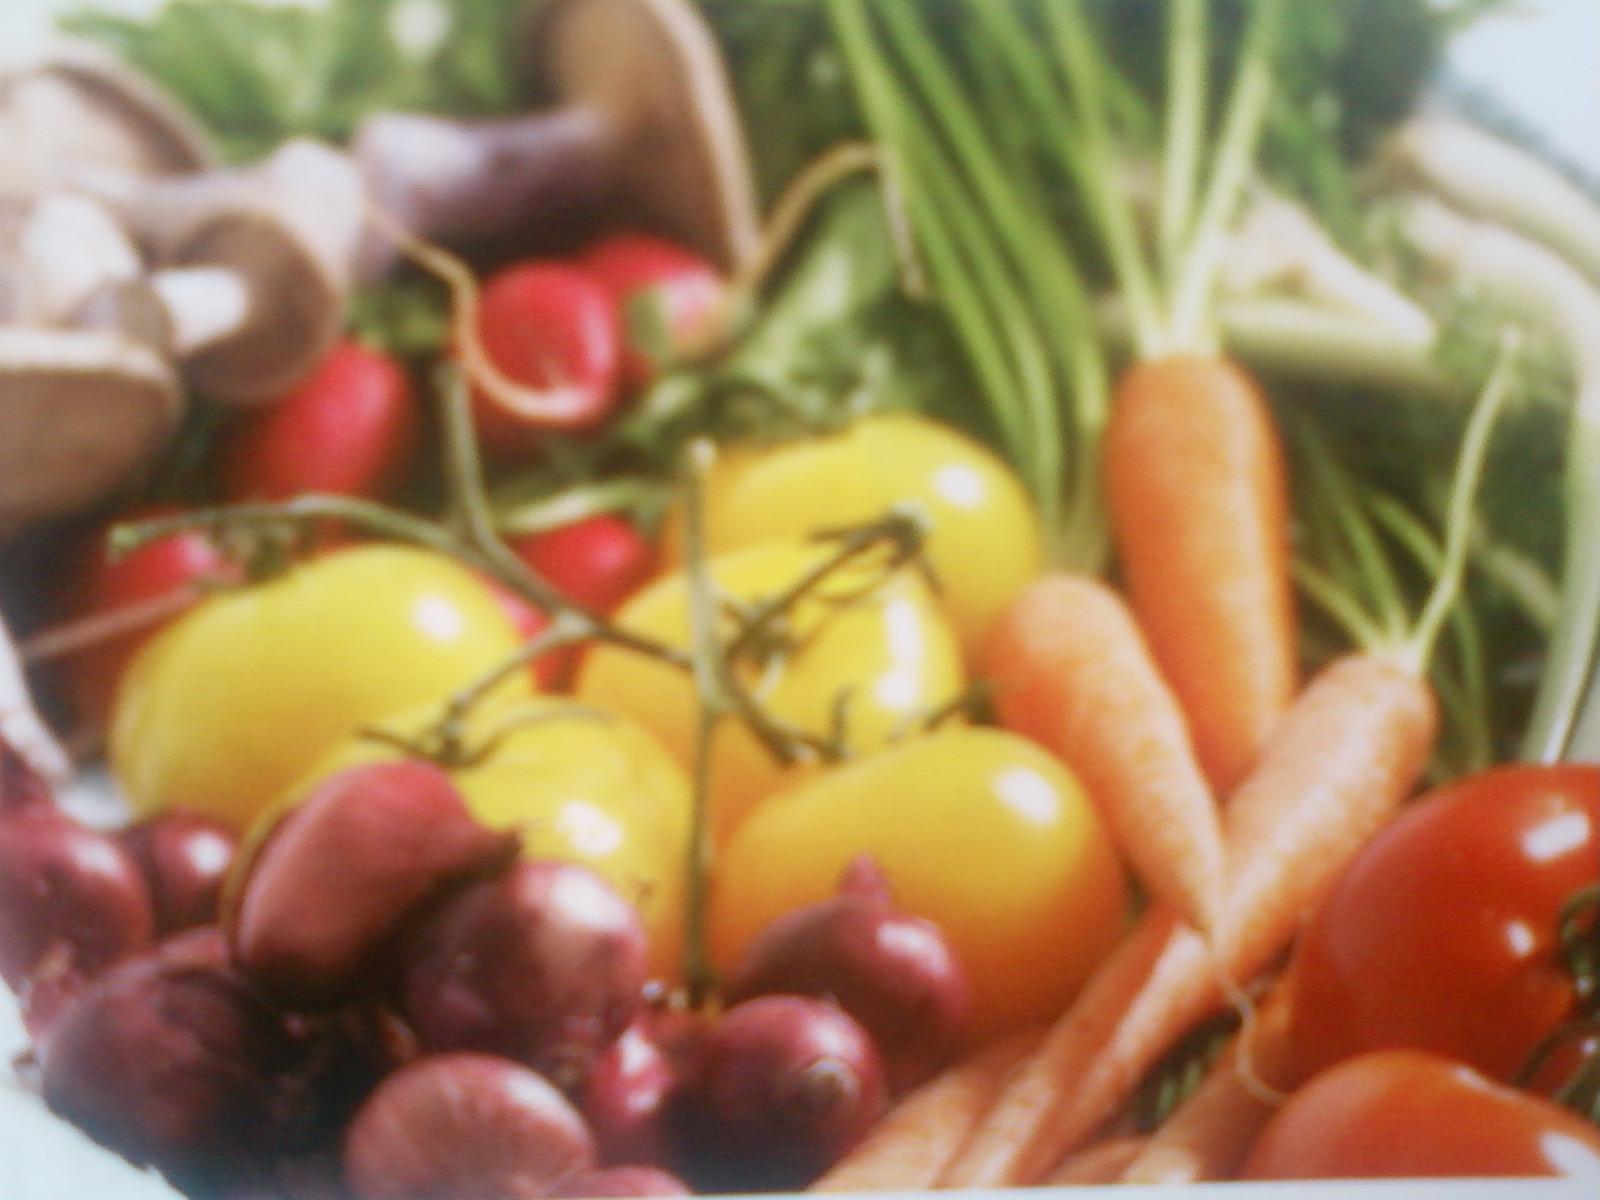 Khasiat Ubi Cilembu : Manfaat untuk Diet dan Kesehatan